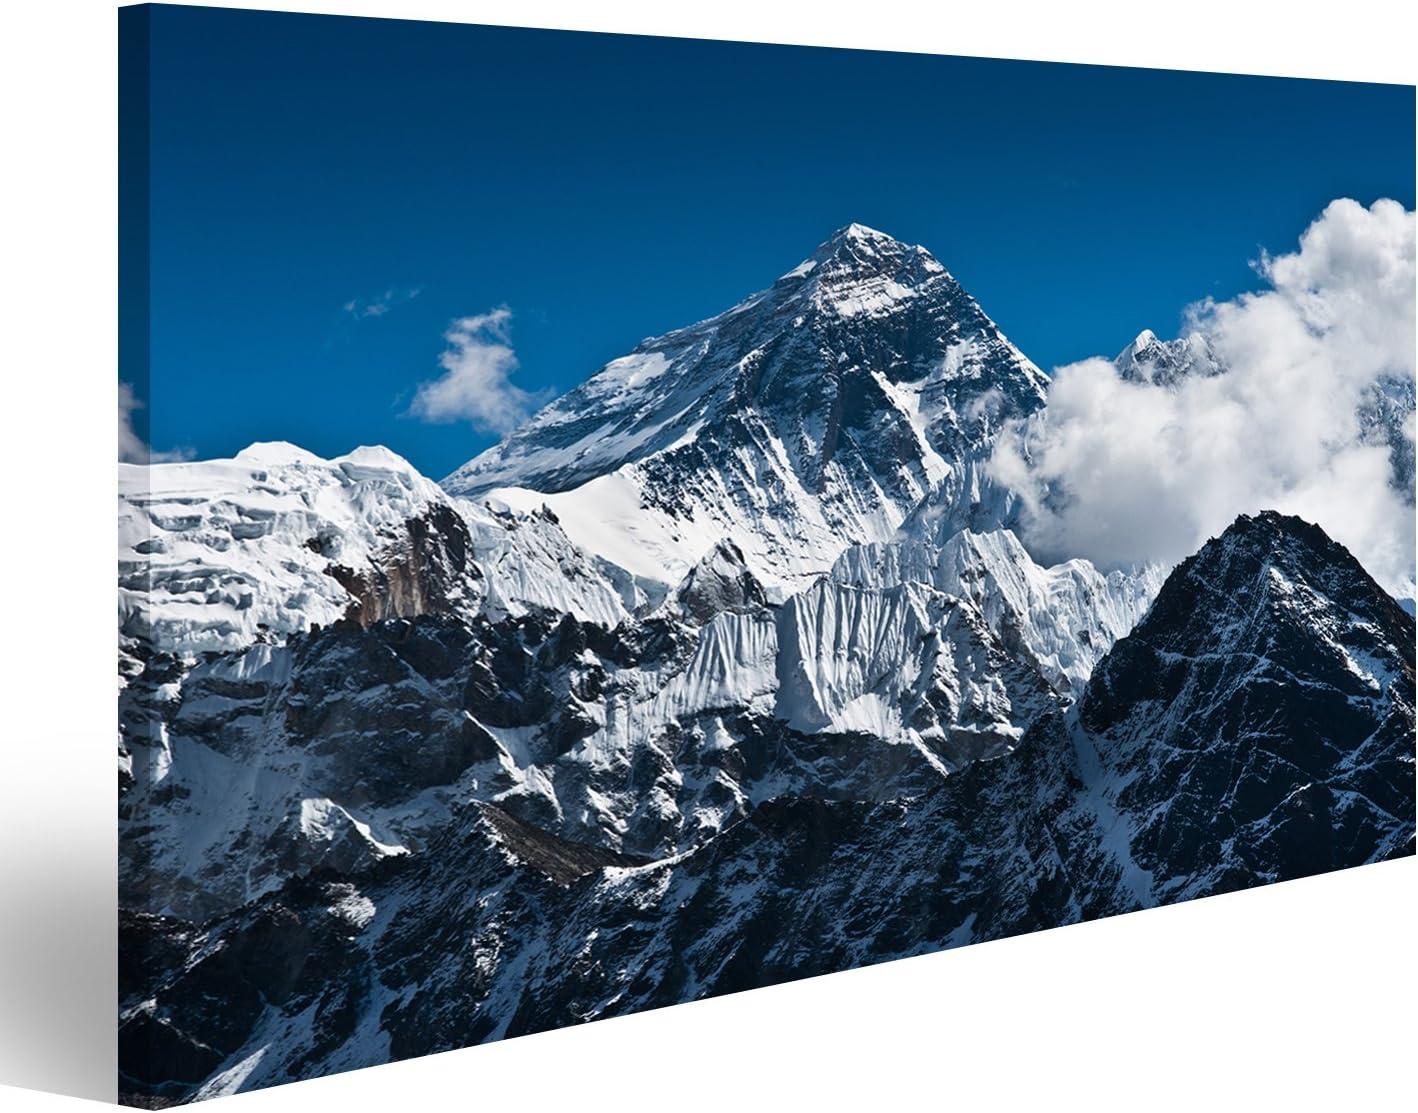 islandburner Cuadro Cuadros Monte Everest Montaña Pico - la Cima del Mundo (8848 m) Impresión sobre Lienzo - Formato Grande - Cuadros Modernos